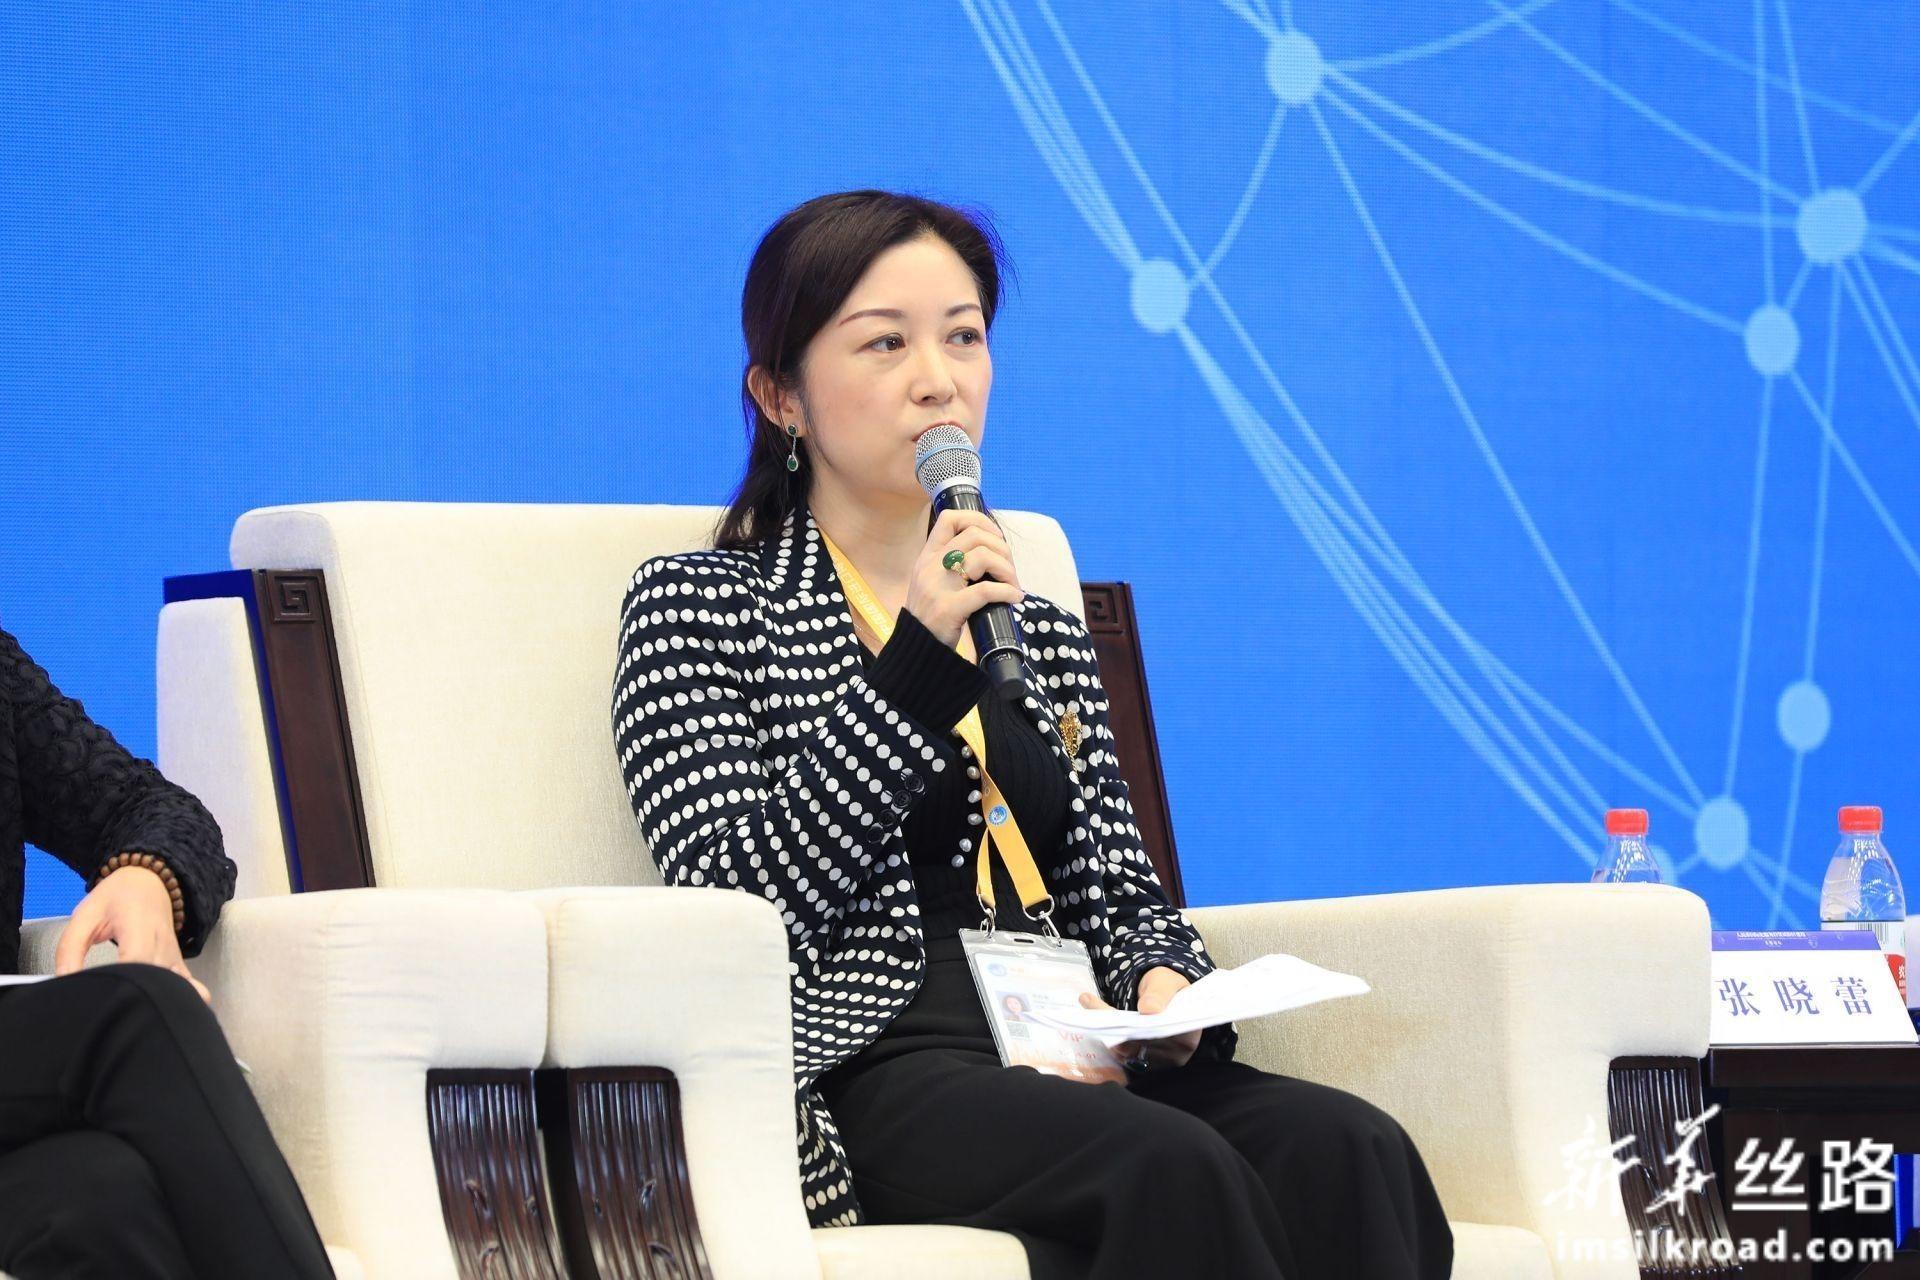 在分论坛1:人民币国际化服务实体经济上,渣打银行(中国)有限公司行长兼副董事长张晓蕾女士发言